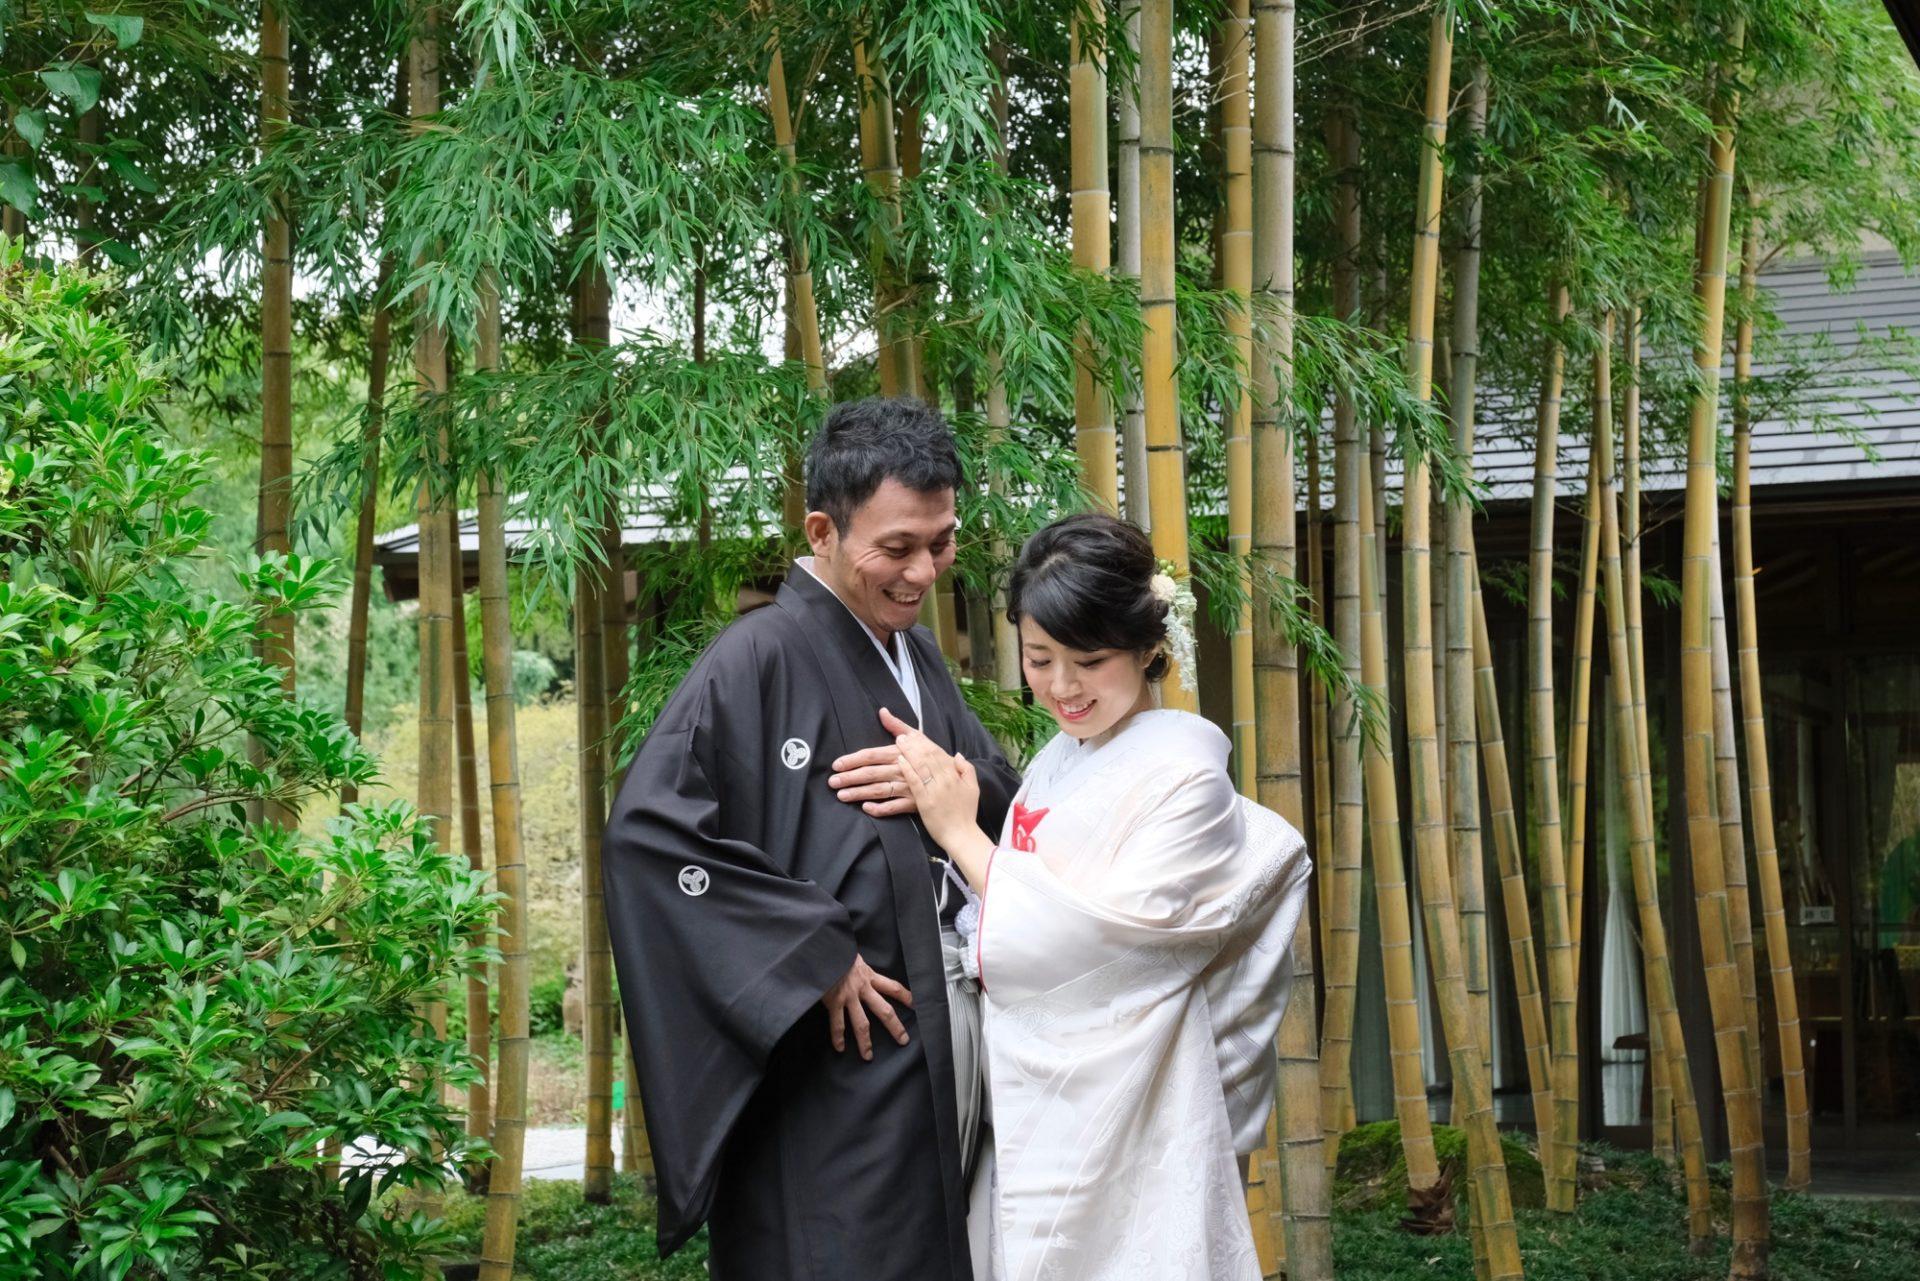 和装白無垢綿帽子と色打掛けで竹林での前撮り